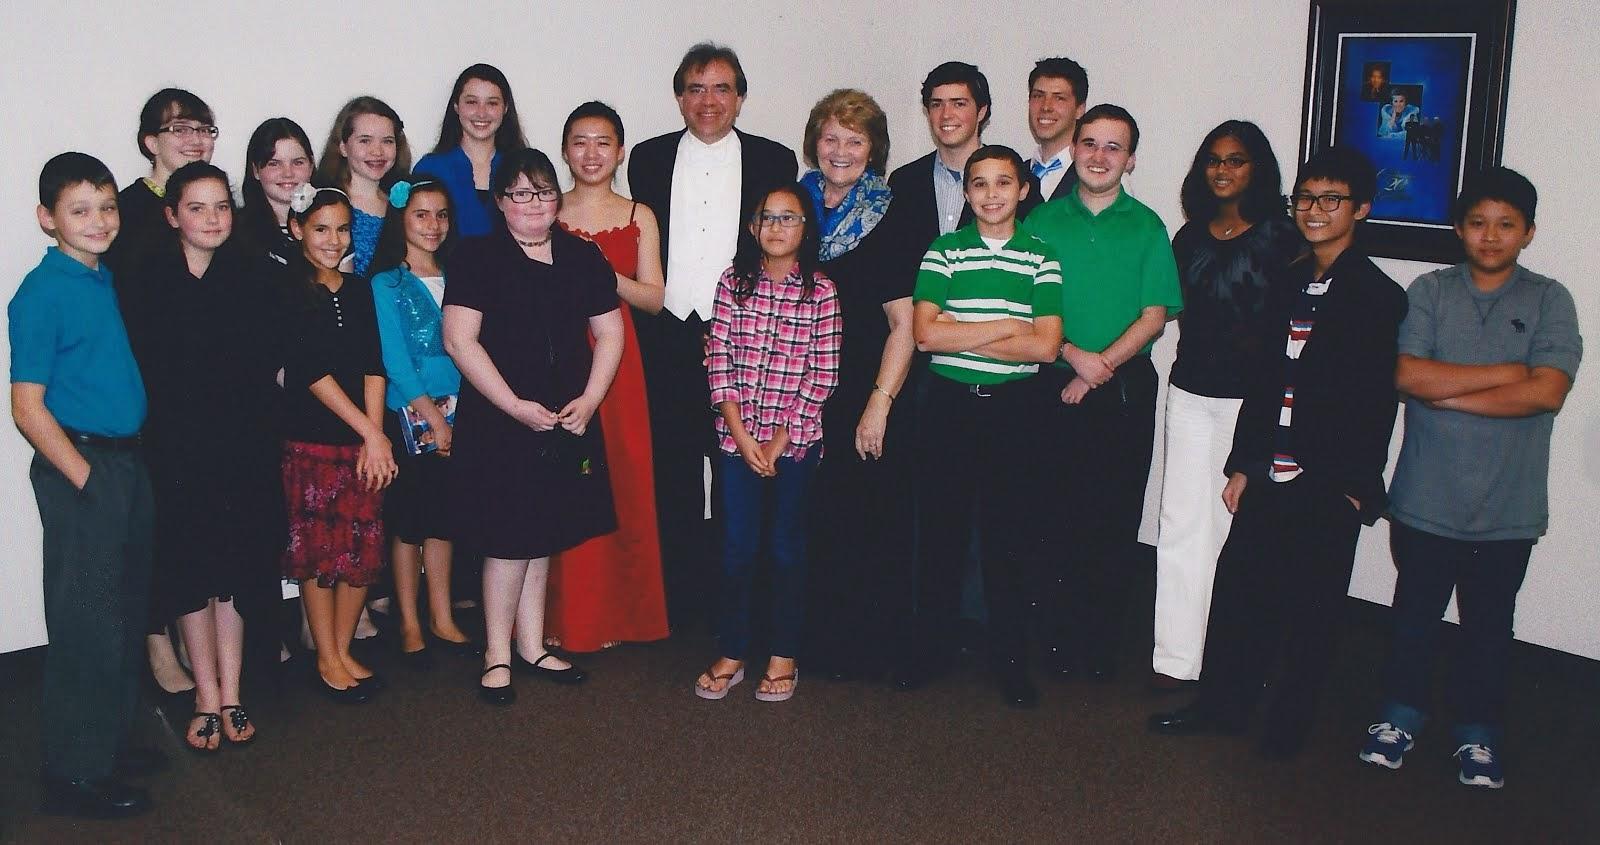 Group Trip - Orlando Philharmonic